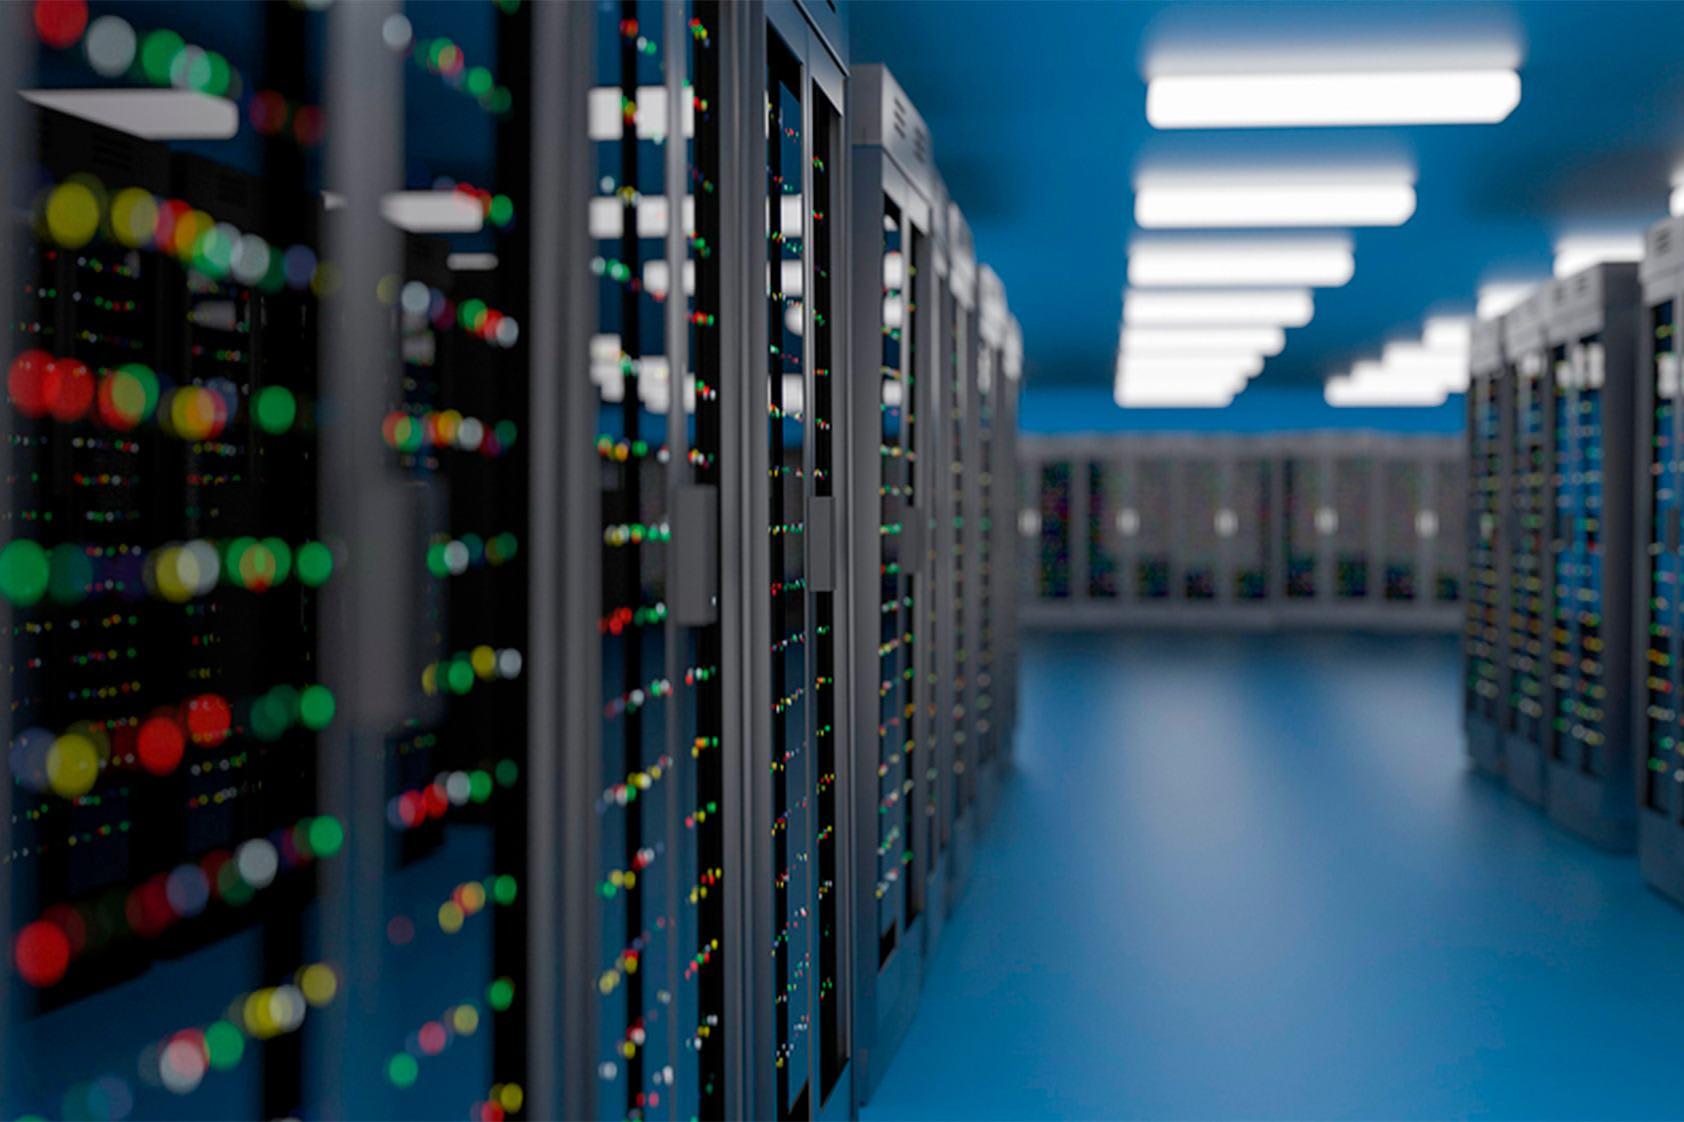 Guatemala fue seleccionada para instalar copias de los servidores raíz originales de Internet